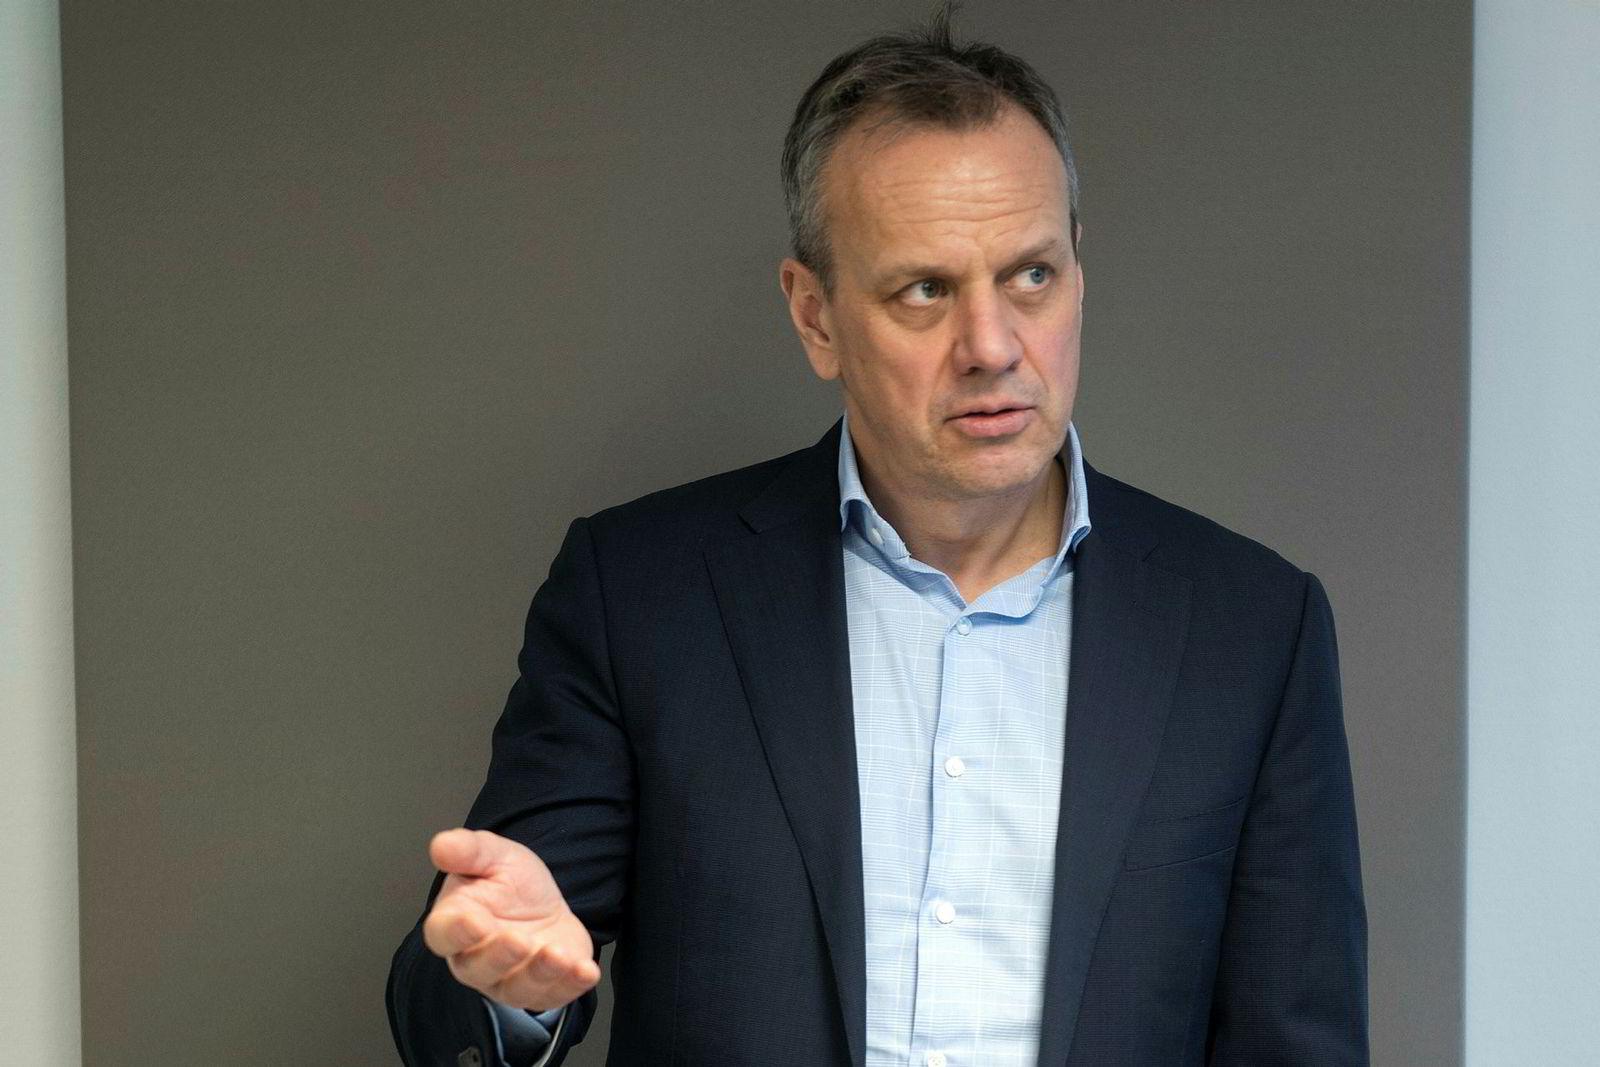 Leif Sundsbø, leder for cybersikkerhet i Cisco Norge, sier Facebook og andre sosiale medier er blitt en markedsplass for cyberkriminalitet.